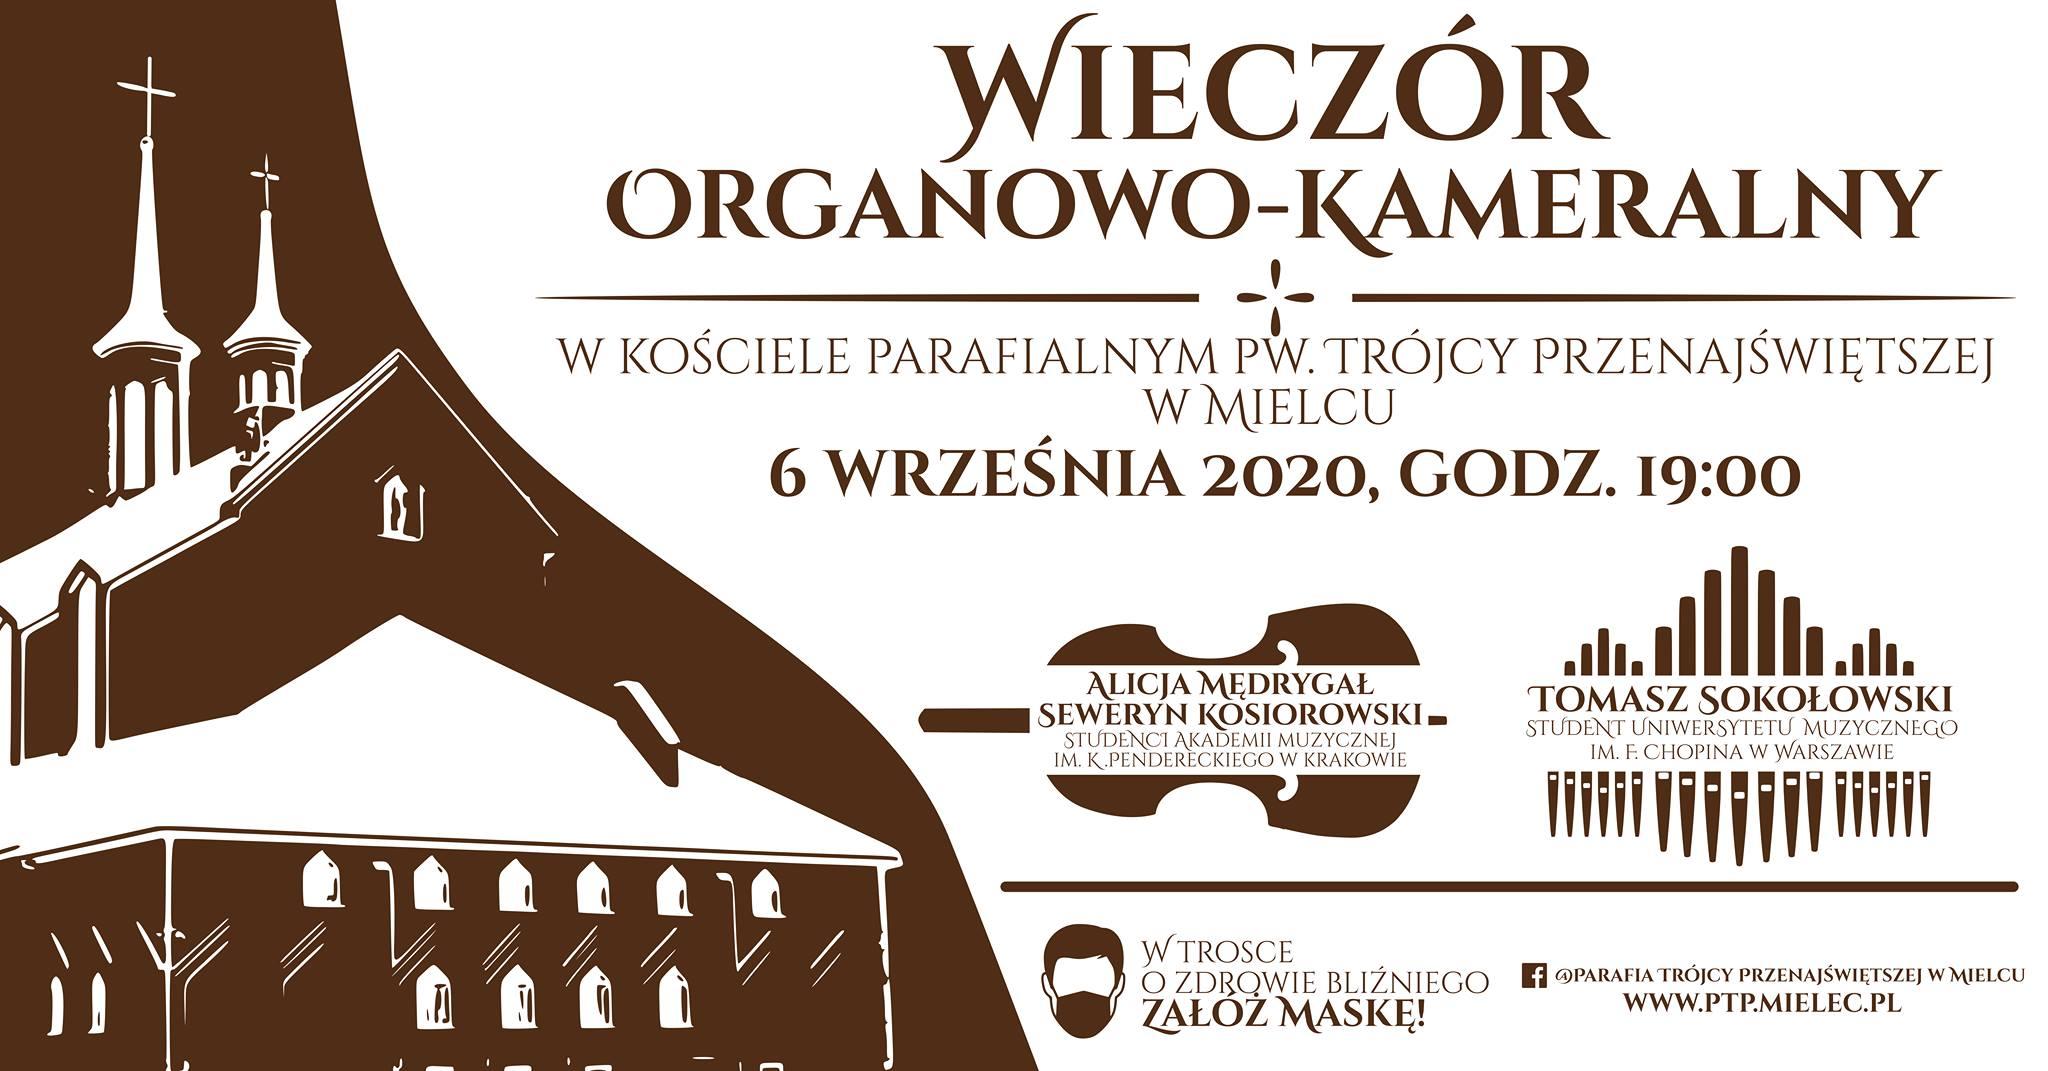 Już w niedzielę wieczór organowo - kameralny w kościele na Smoczce - Zdjęcie główne